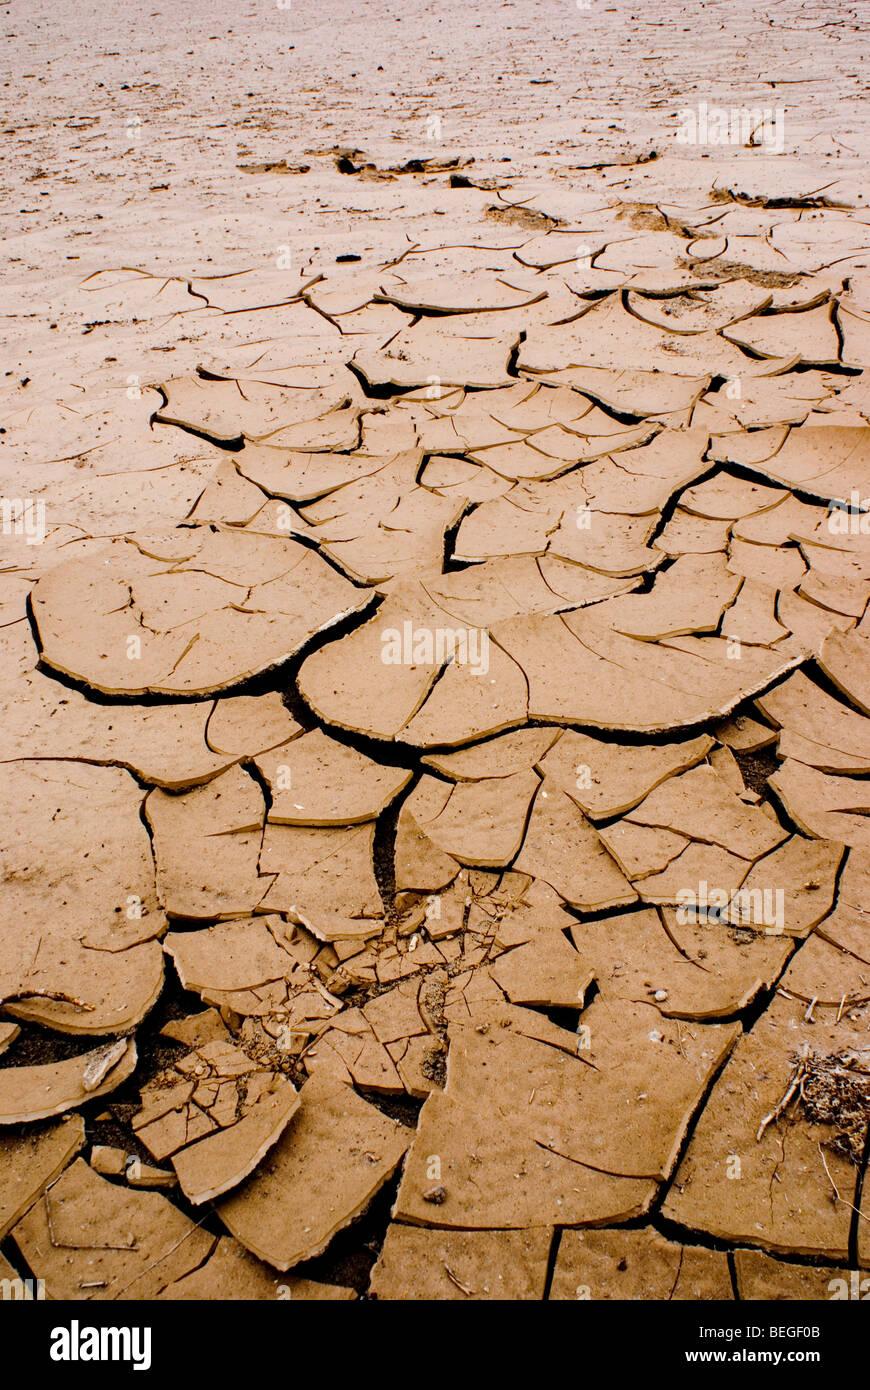 Dry desert soil in Death Valley National Park in ...